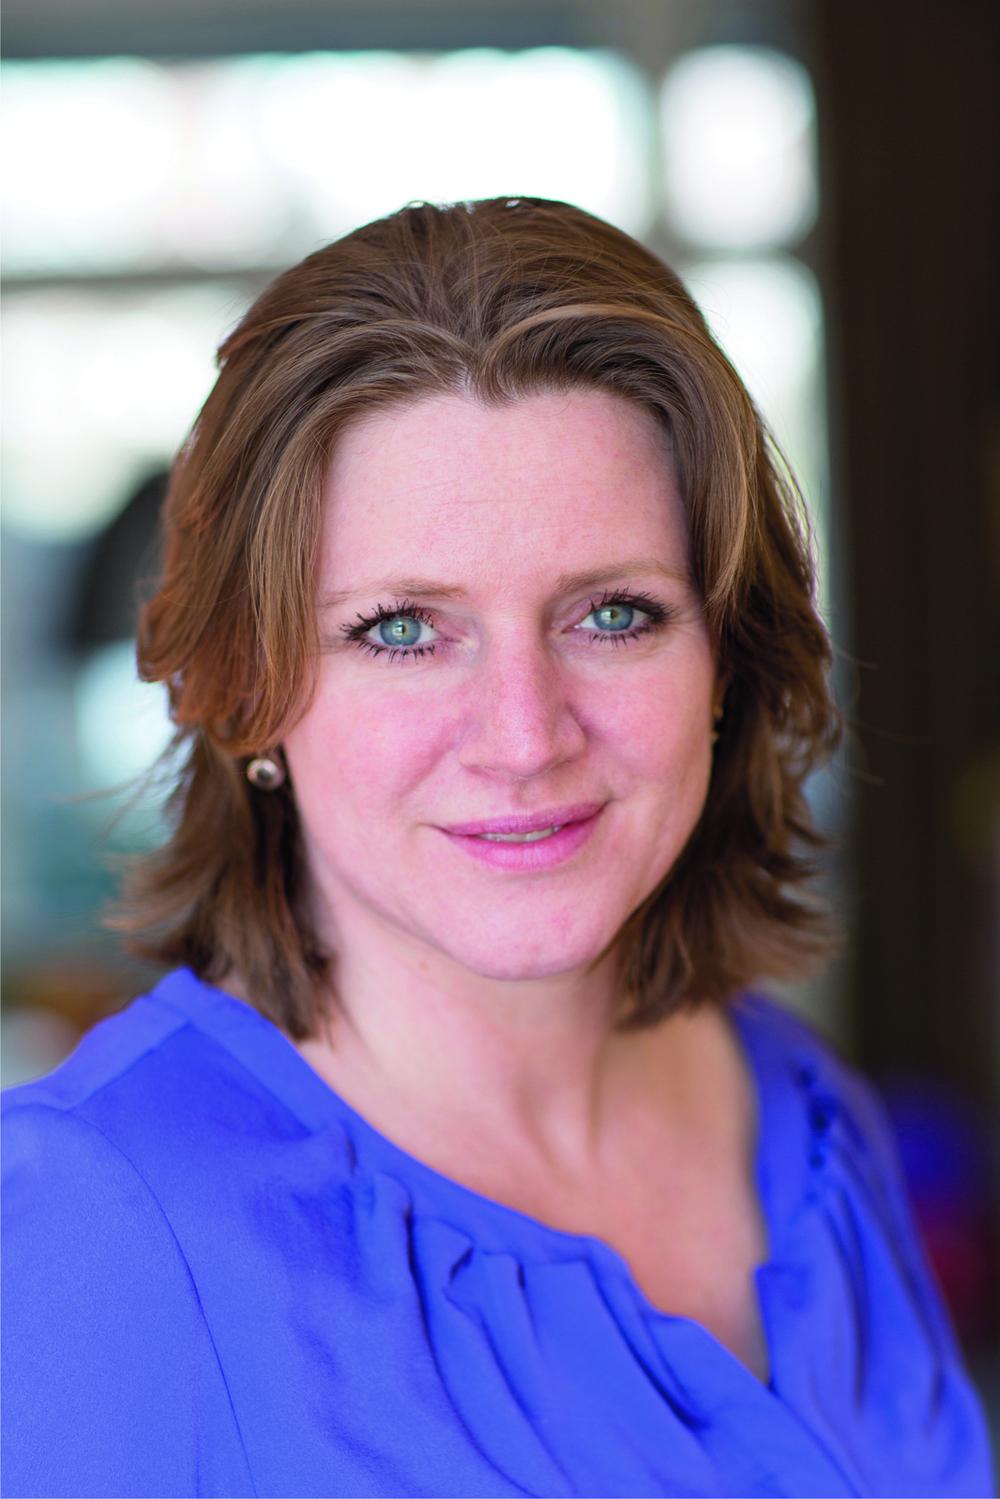 Simonne van Gennip    Journalist, auteur van het boek 'Een foutje in mijn hoofd'. In het boek beschrijf ik mijn eigen ervaringen van het proces van opkrabbelen na, en de gevolgen van een hersenbloeding bij een zwangerschap van 7 maanden.